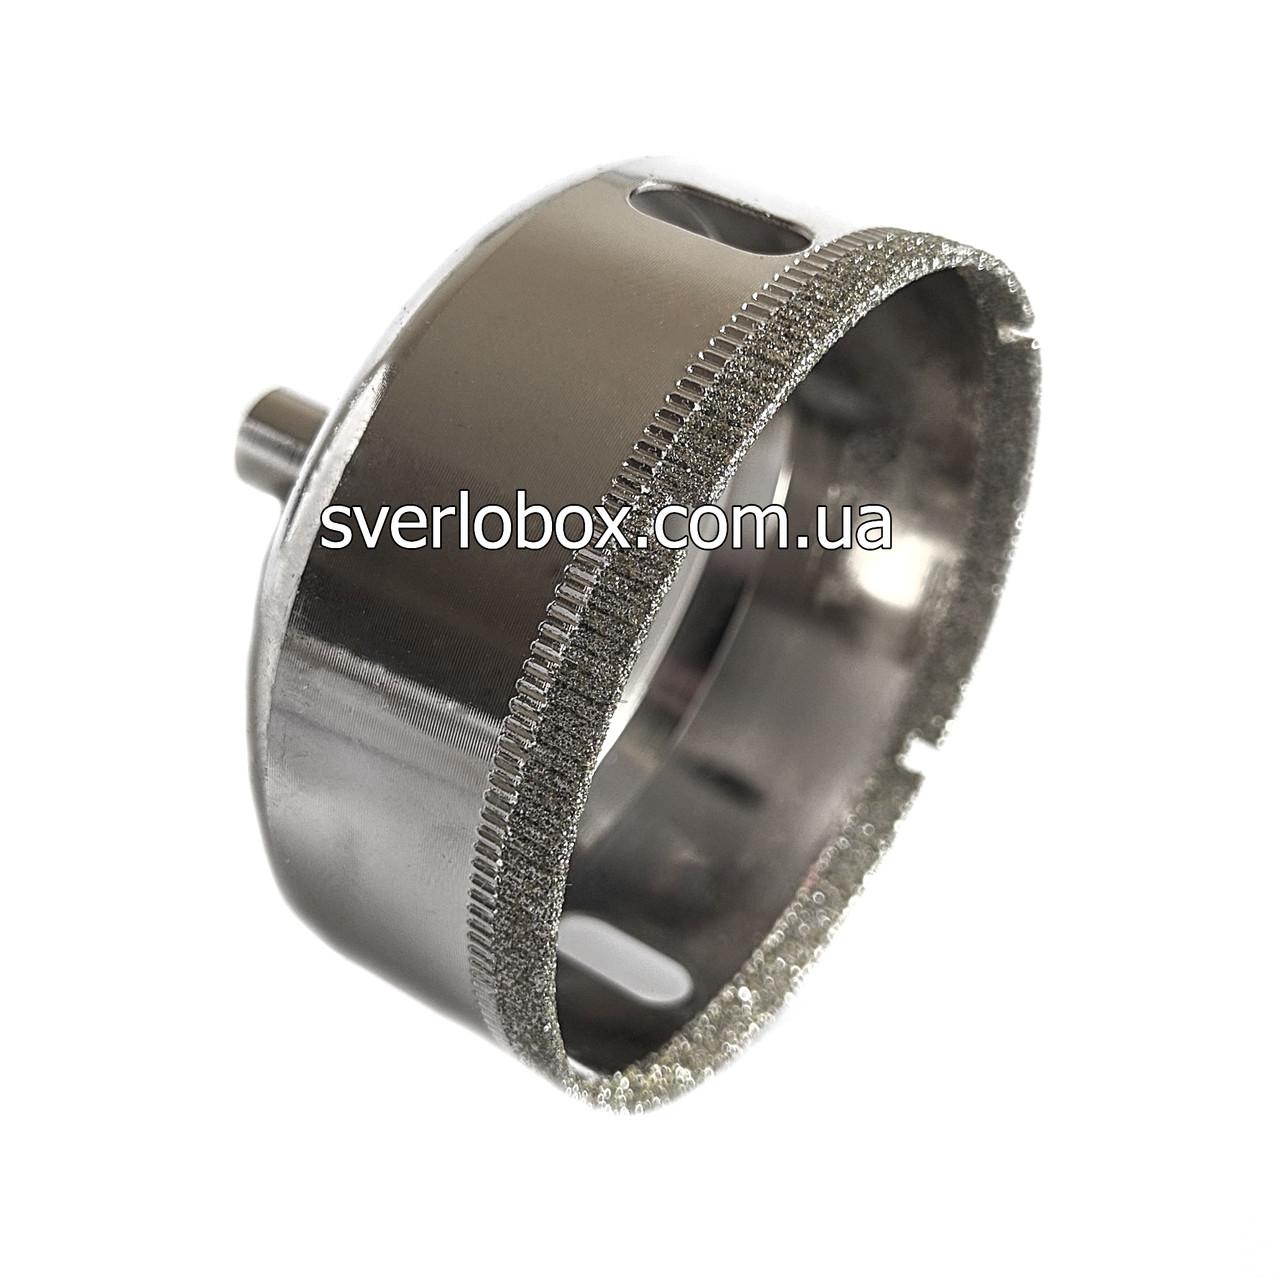 Алмазна Коронка по плитці і склу 20 мм, Коронка 20 мм з алмазним напиленням по склу та кераміці